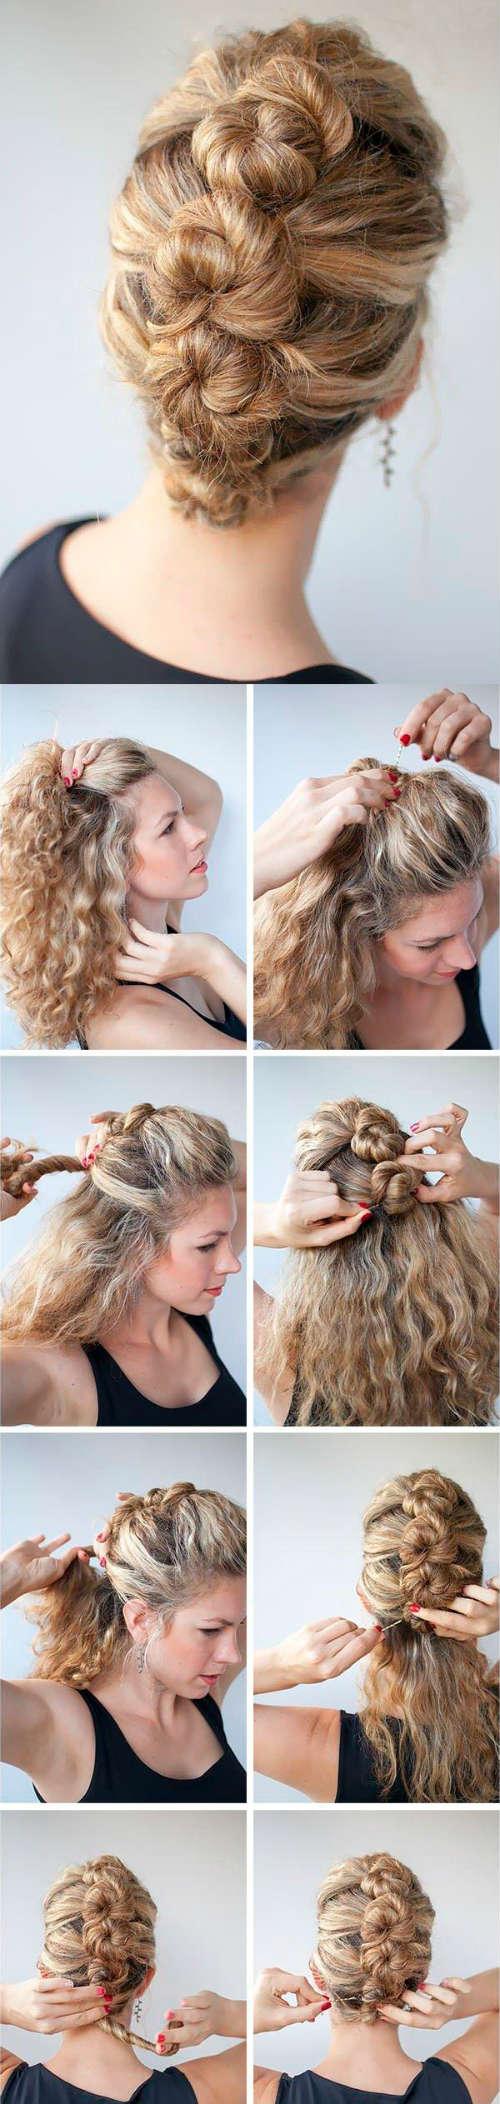 Прически на средние волосы фото 9